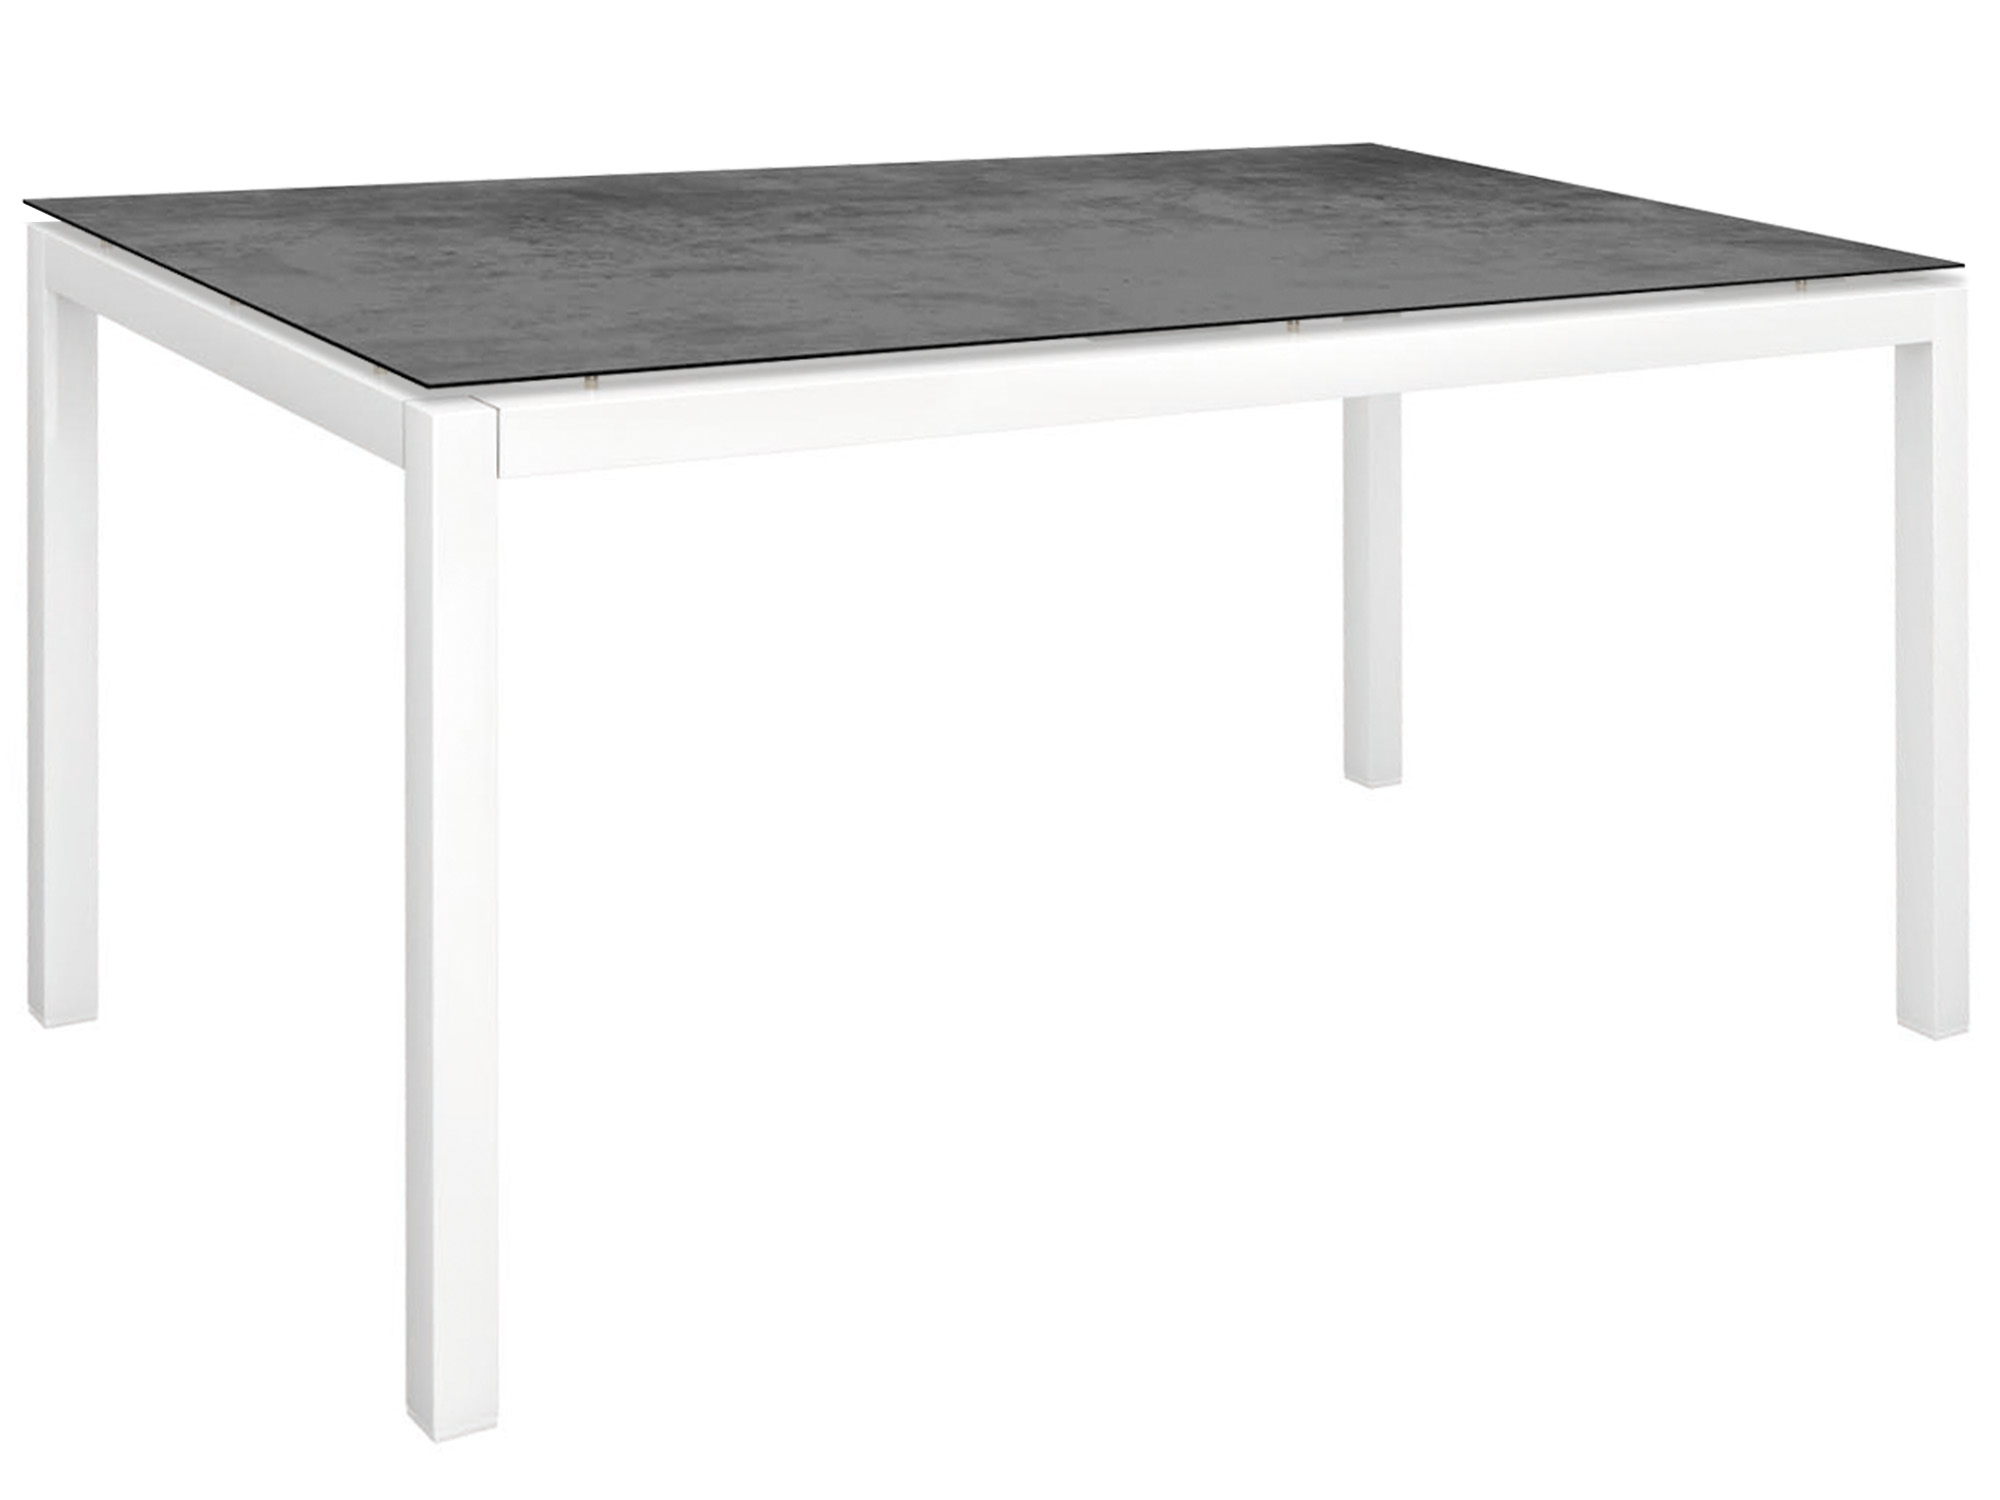 Stern Gartentisch 160x90cm Aluminium Weiss Silverstar 2 0